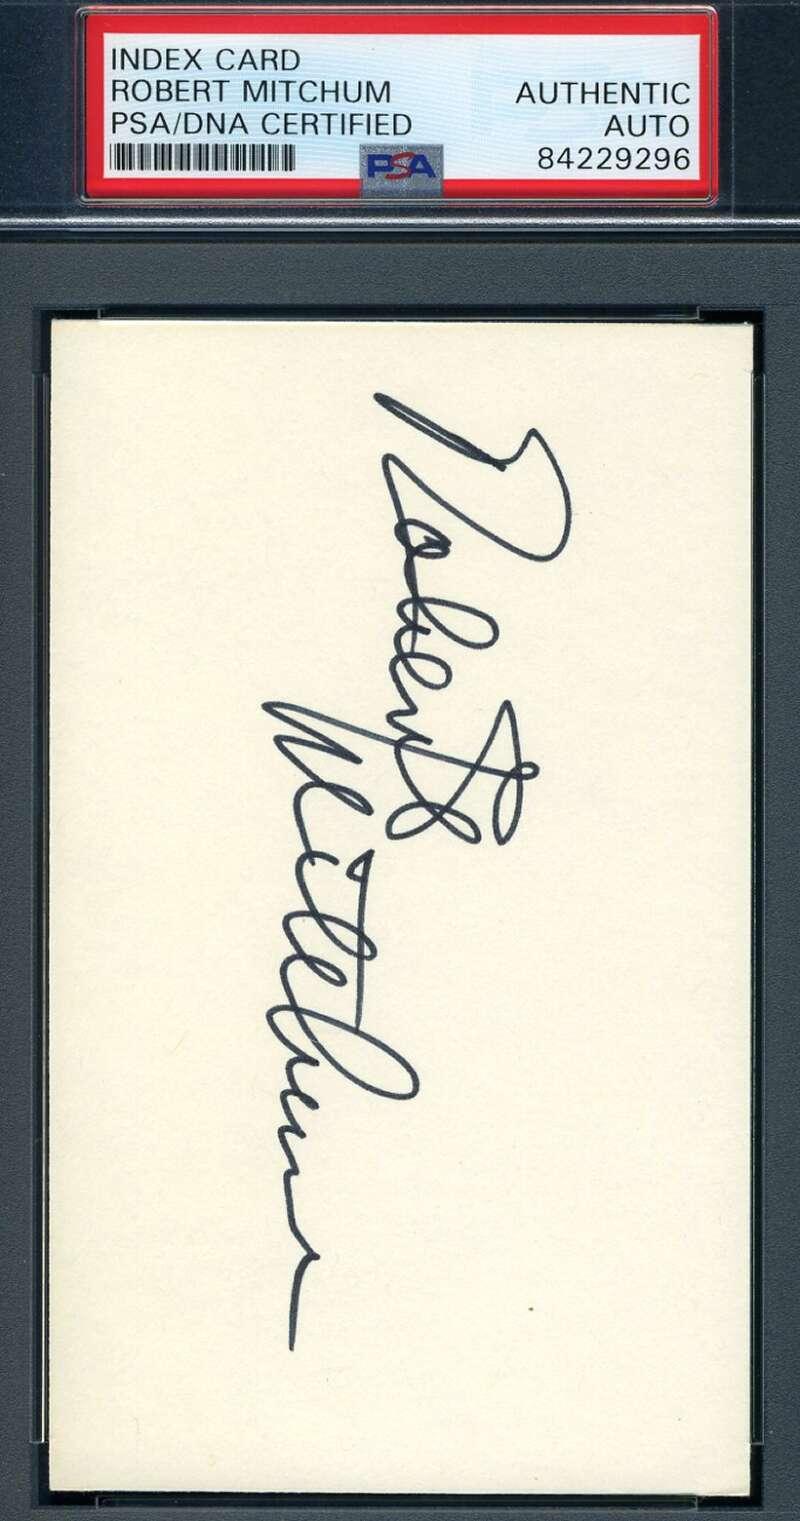 Robert Mitchum PSA DNA Coa Signed 3x5 Index Card Autograph